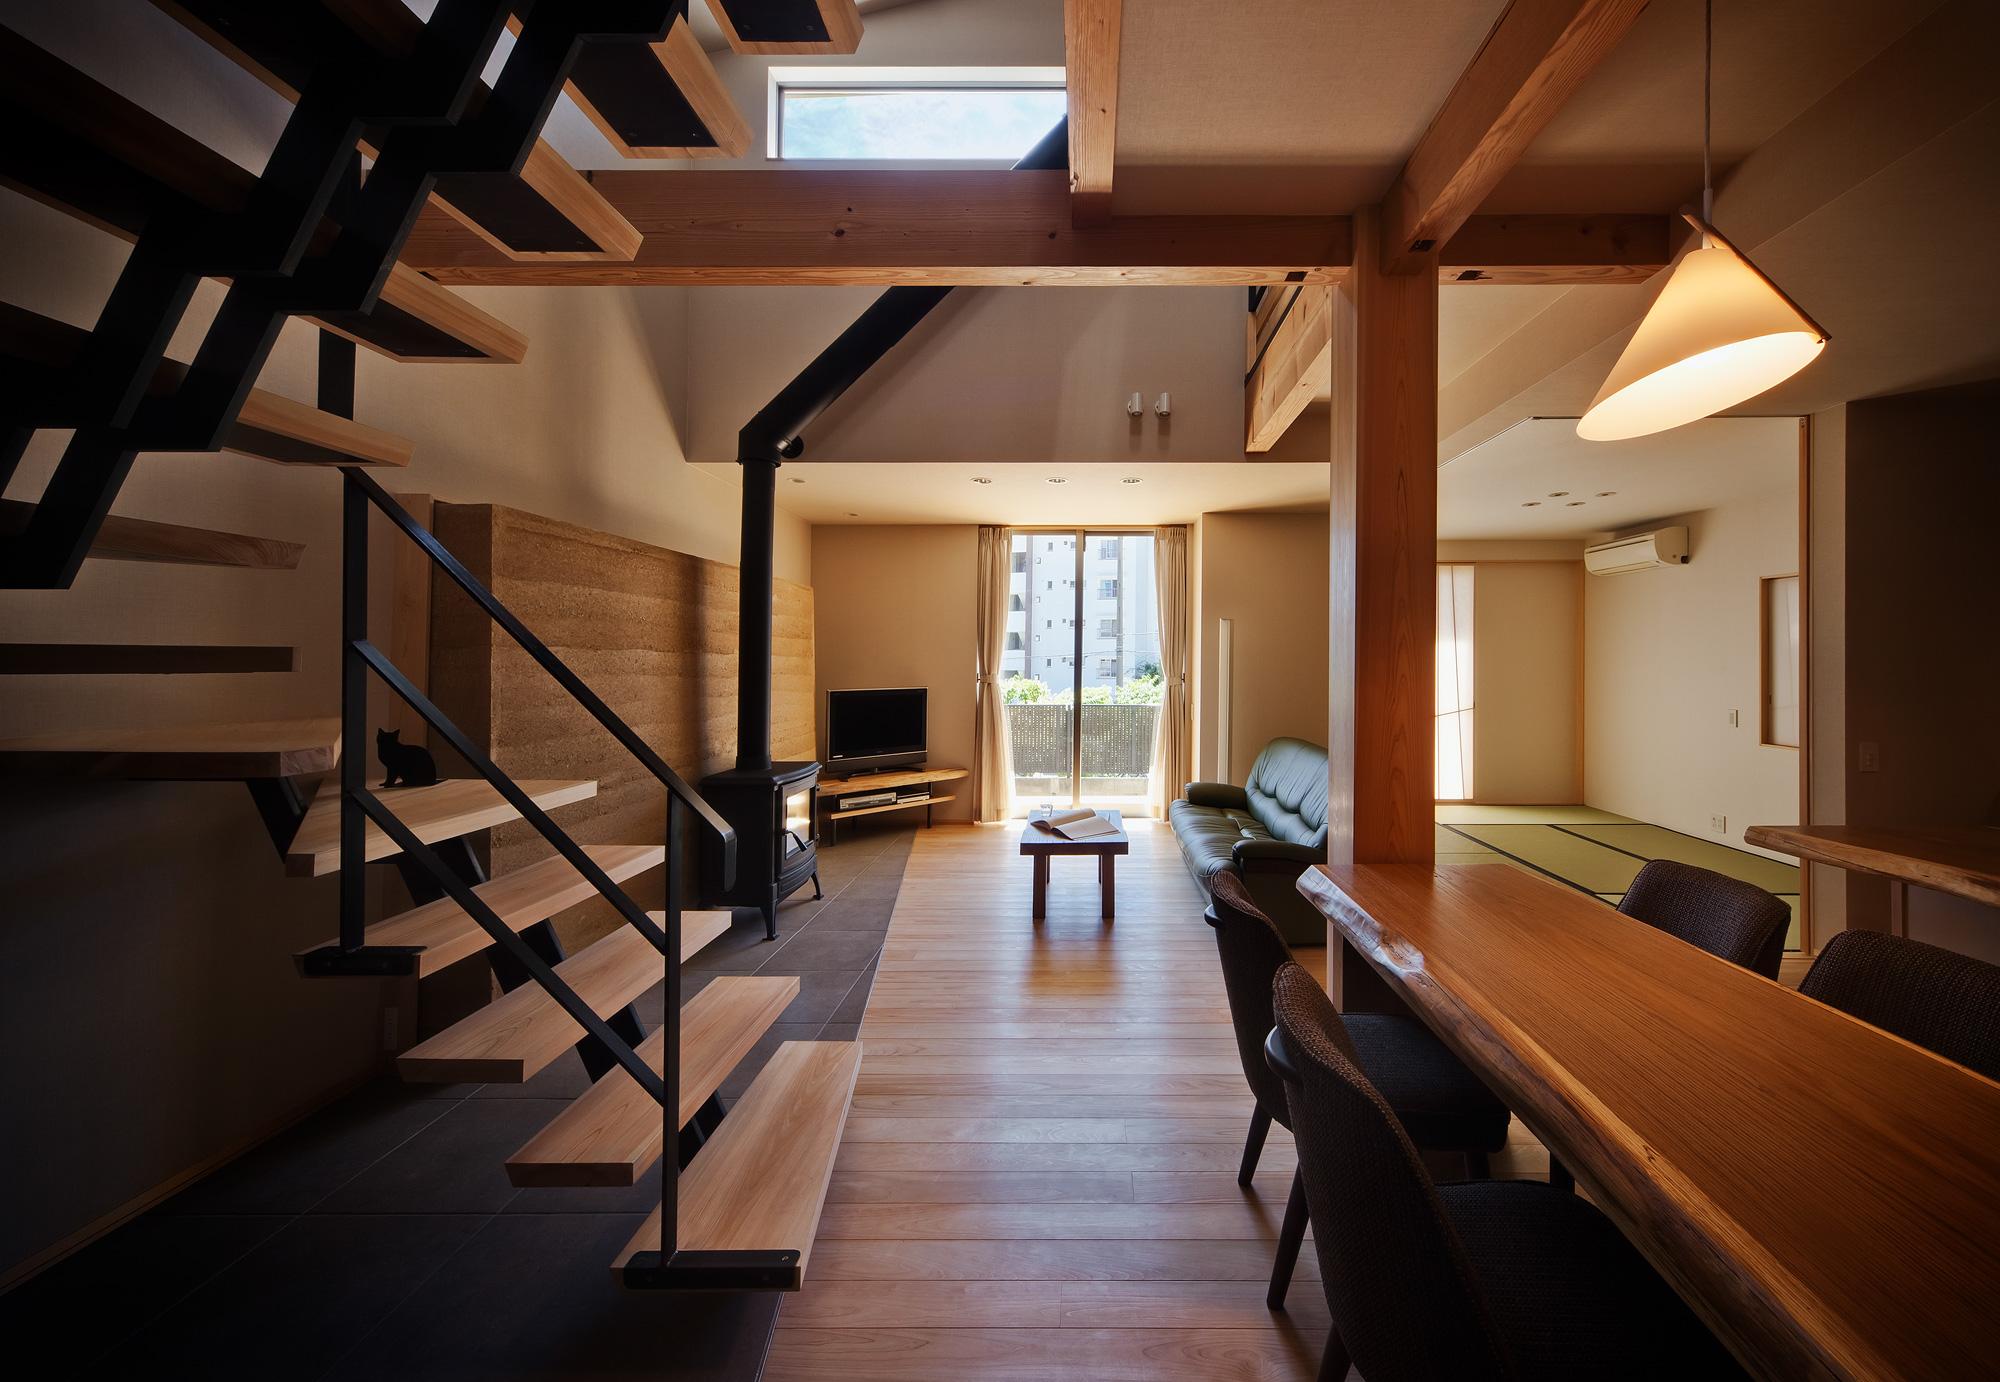 ダイニングよりリビングを見る: 玄関からダイニング、リビングに渡ってタイル貼りの土間が続きます。土間は30mmと肉厚な桧板の階段、版築壁、薪ストーブが配され、暮らしのアクセントとなる場所です